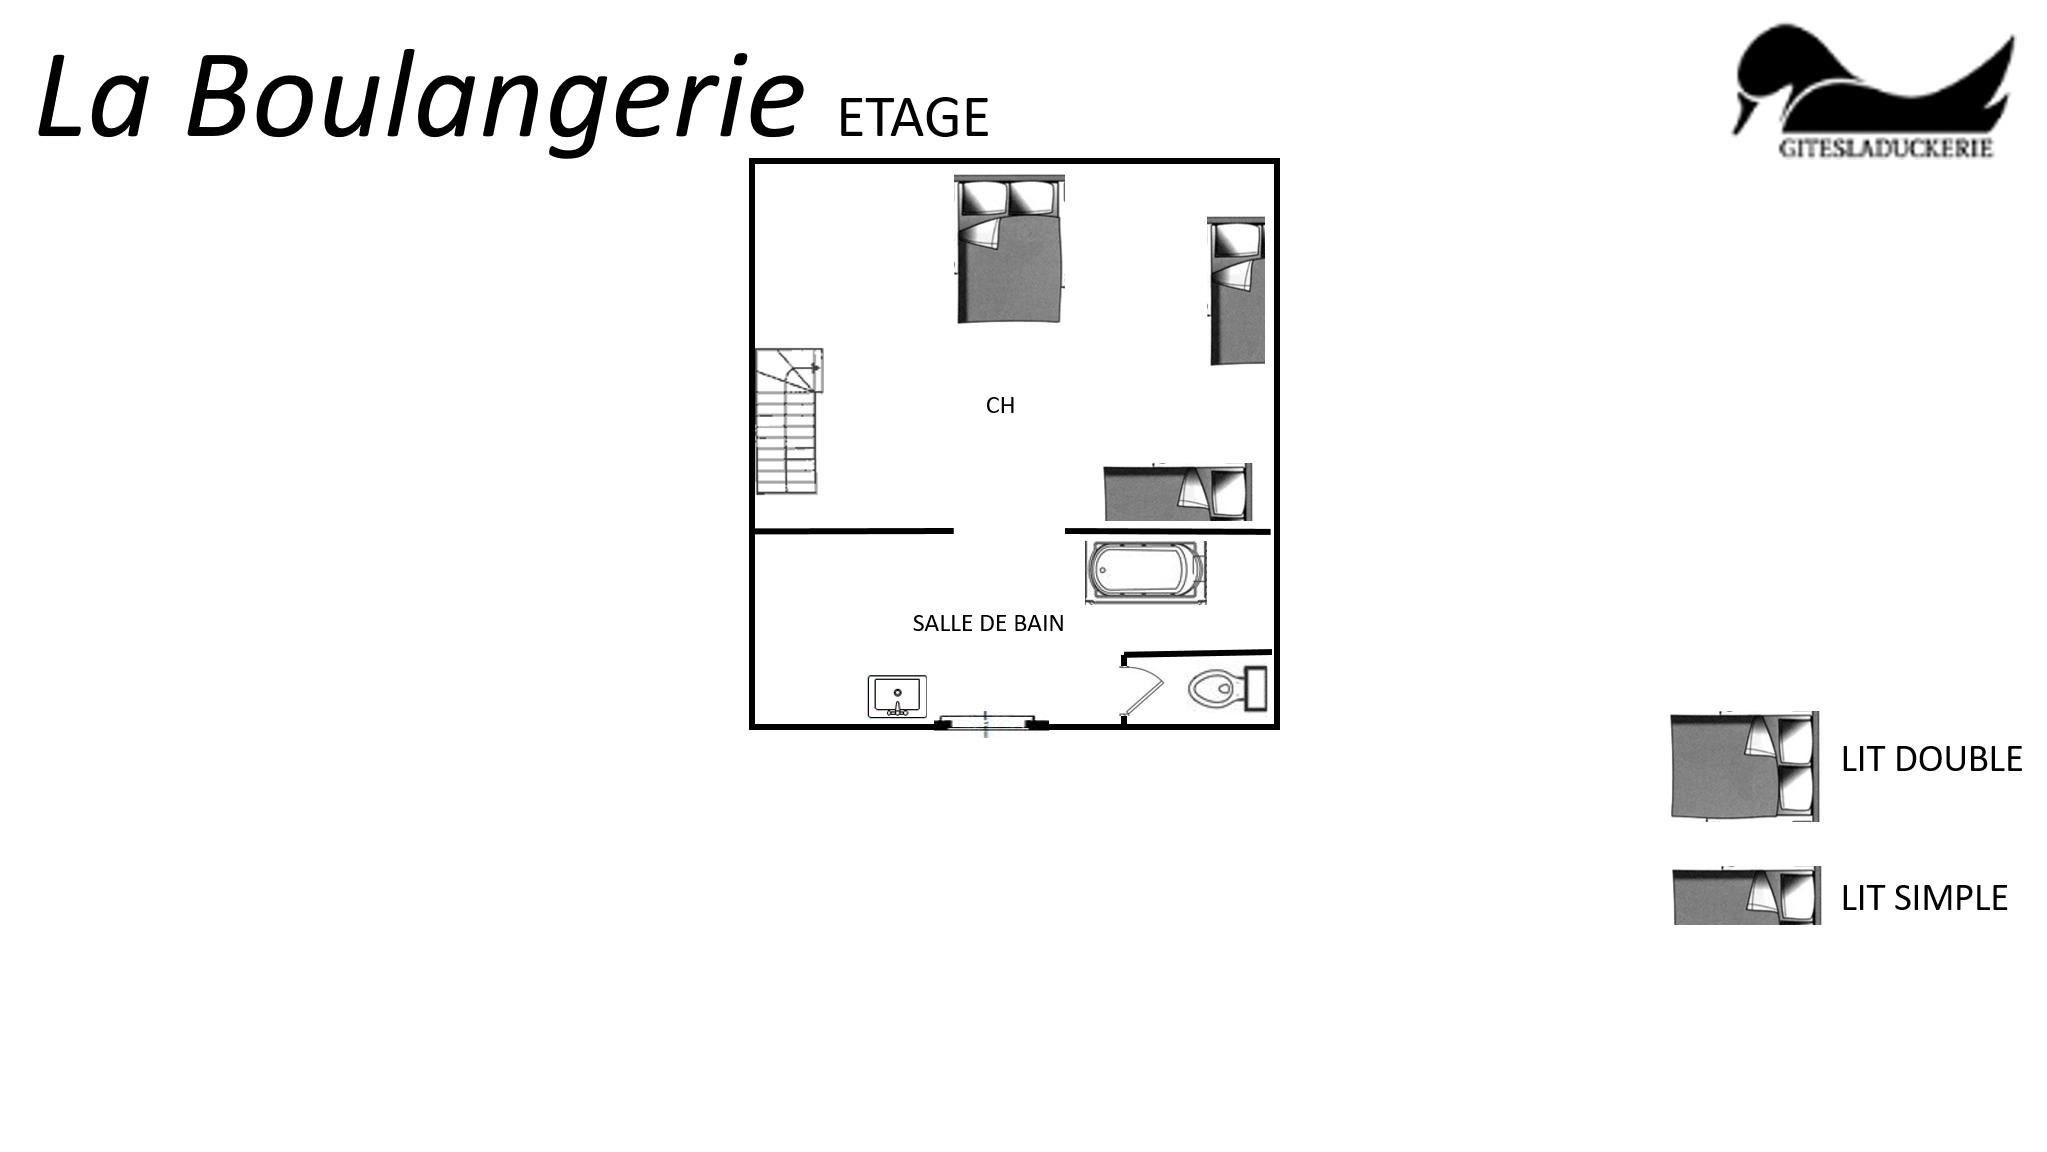 La-Boulangerie-plans-1er maj